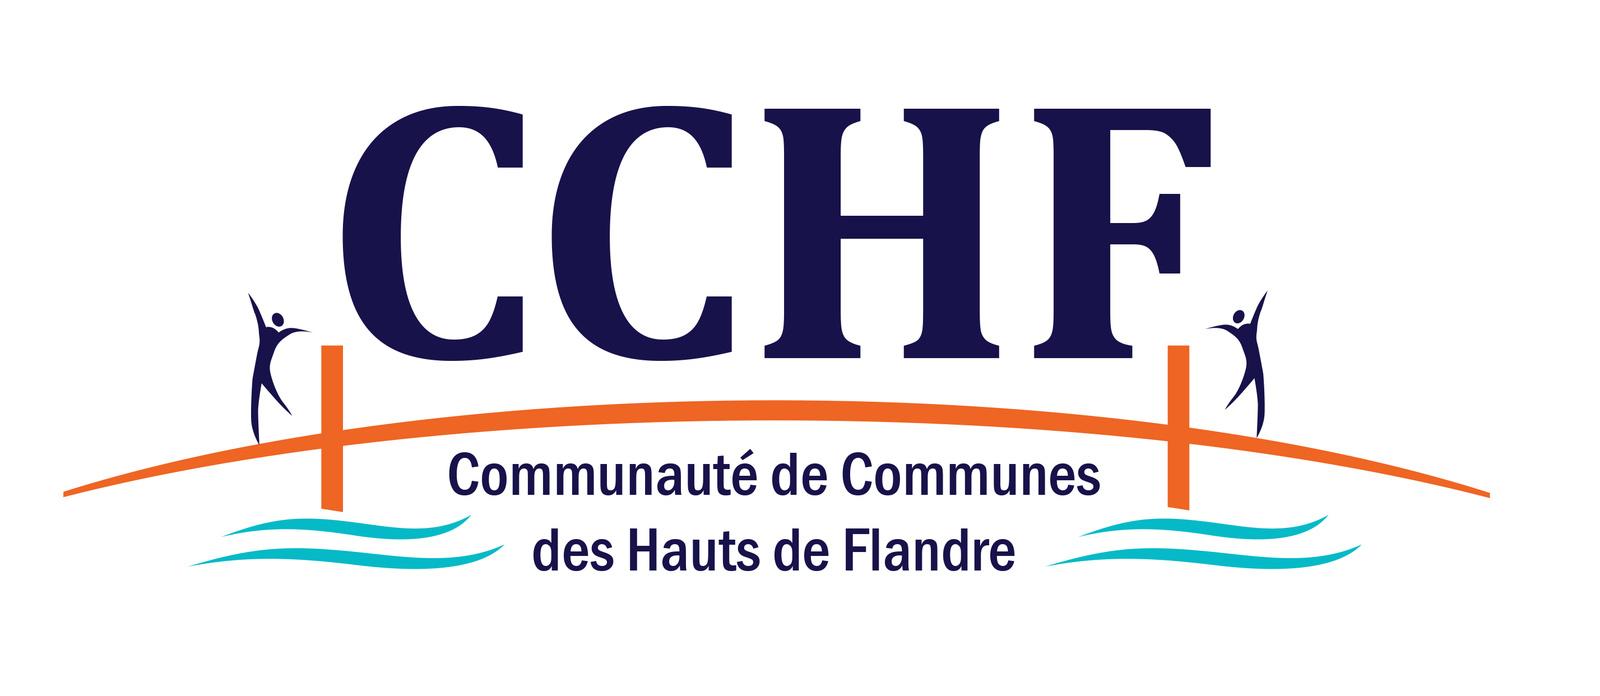 Appel à candidature Communauté de communes des hauts de flandre